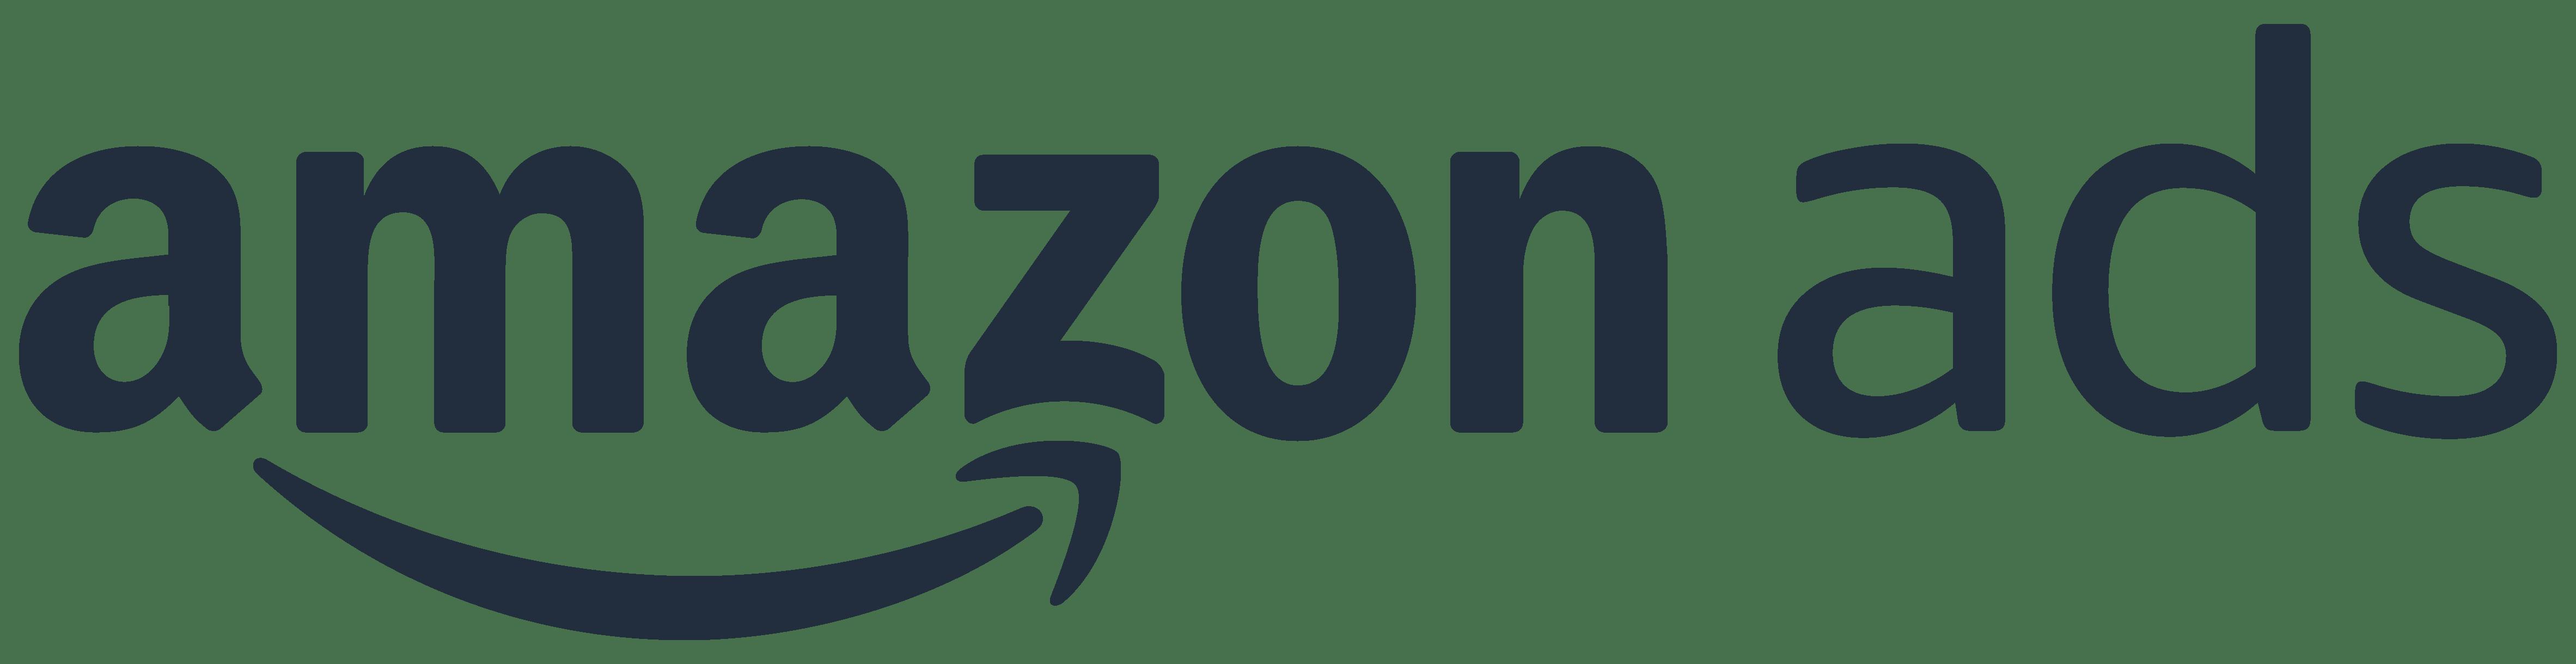 Amazon advertising partner logo goodz